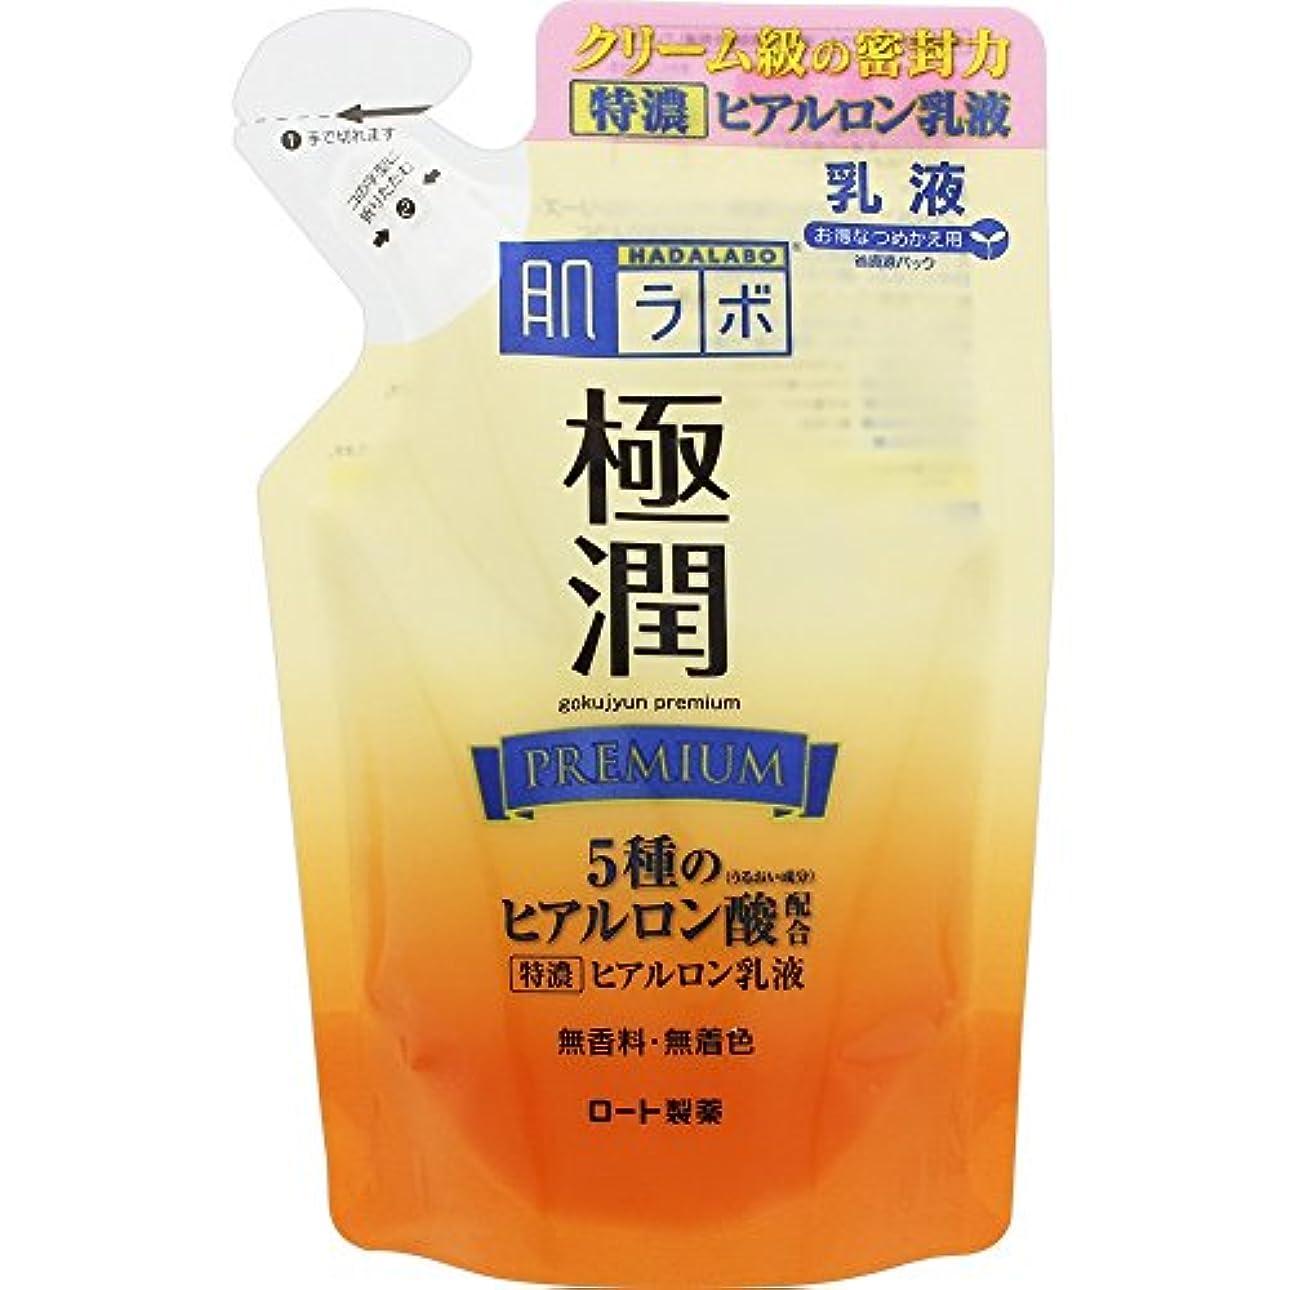 弱まるセントなる肌ラボ 極潤プレミアム 特濃ヒアルロン乳液 ヒアルロン酸5種類×サクラン配合 詰替用 140ml